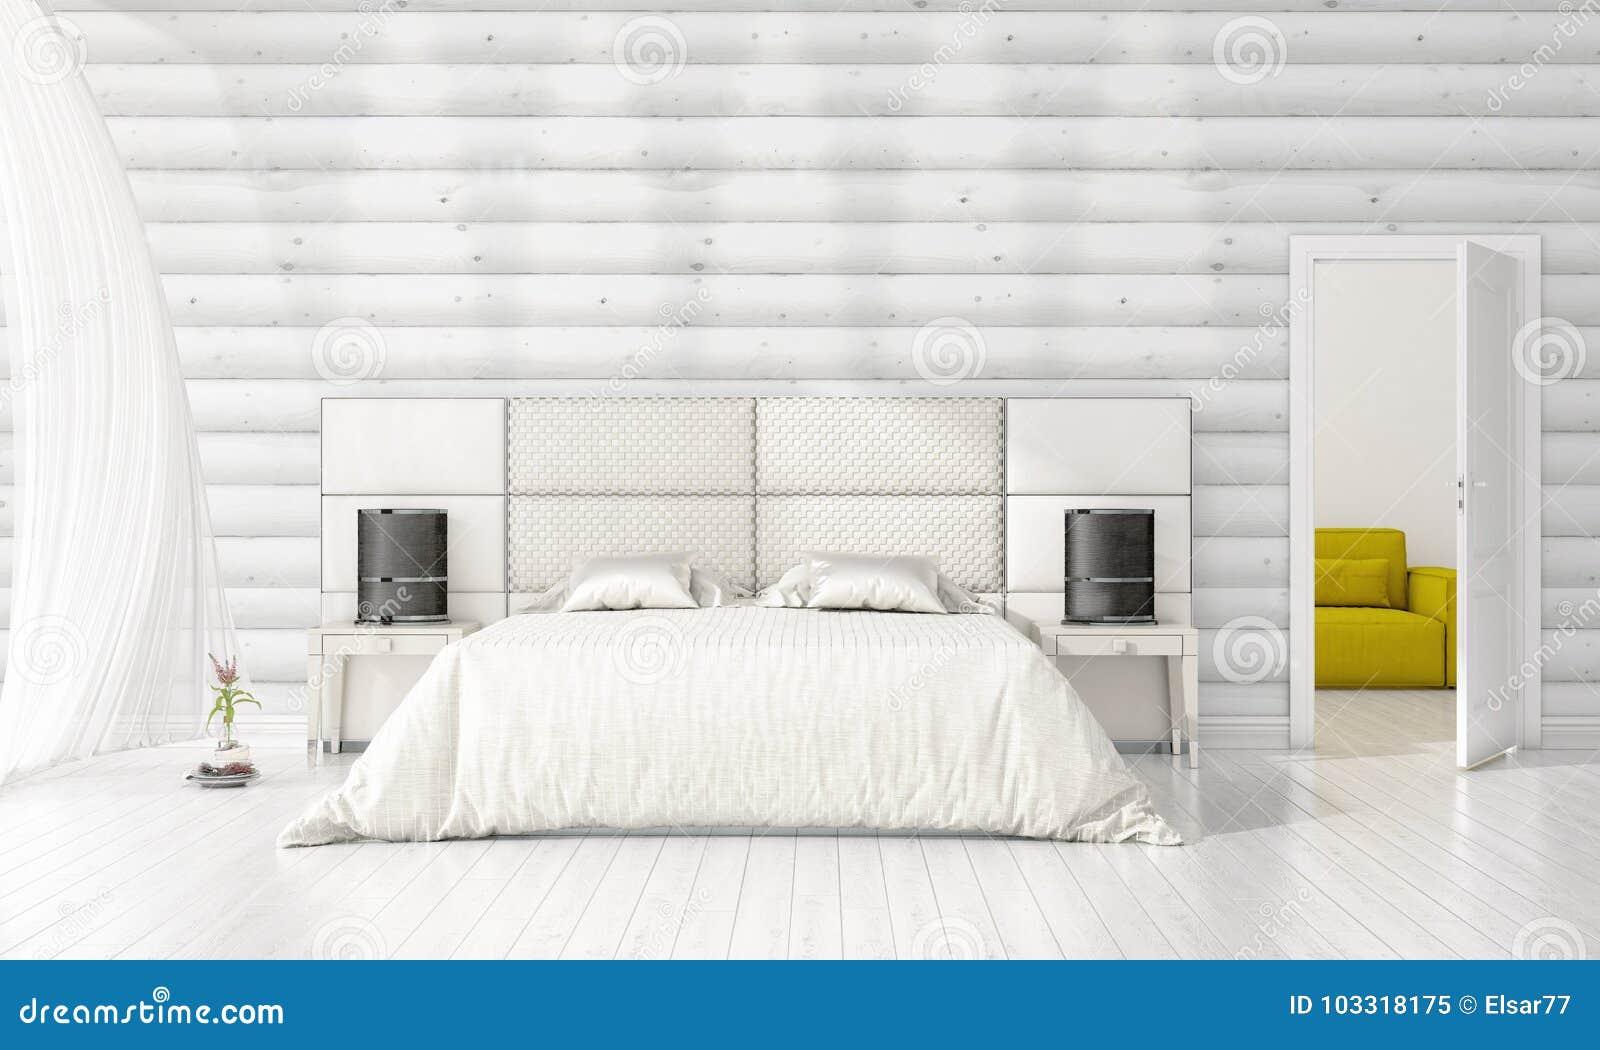 Interior design moderno della camera da letto nella moda for Camera da letto interior design